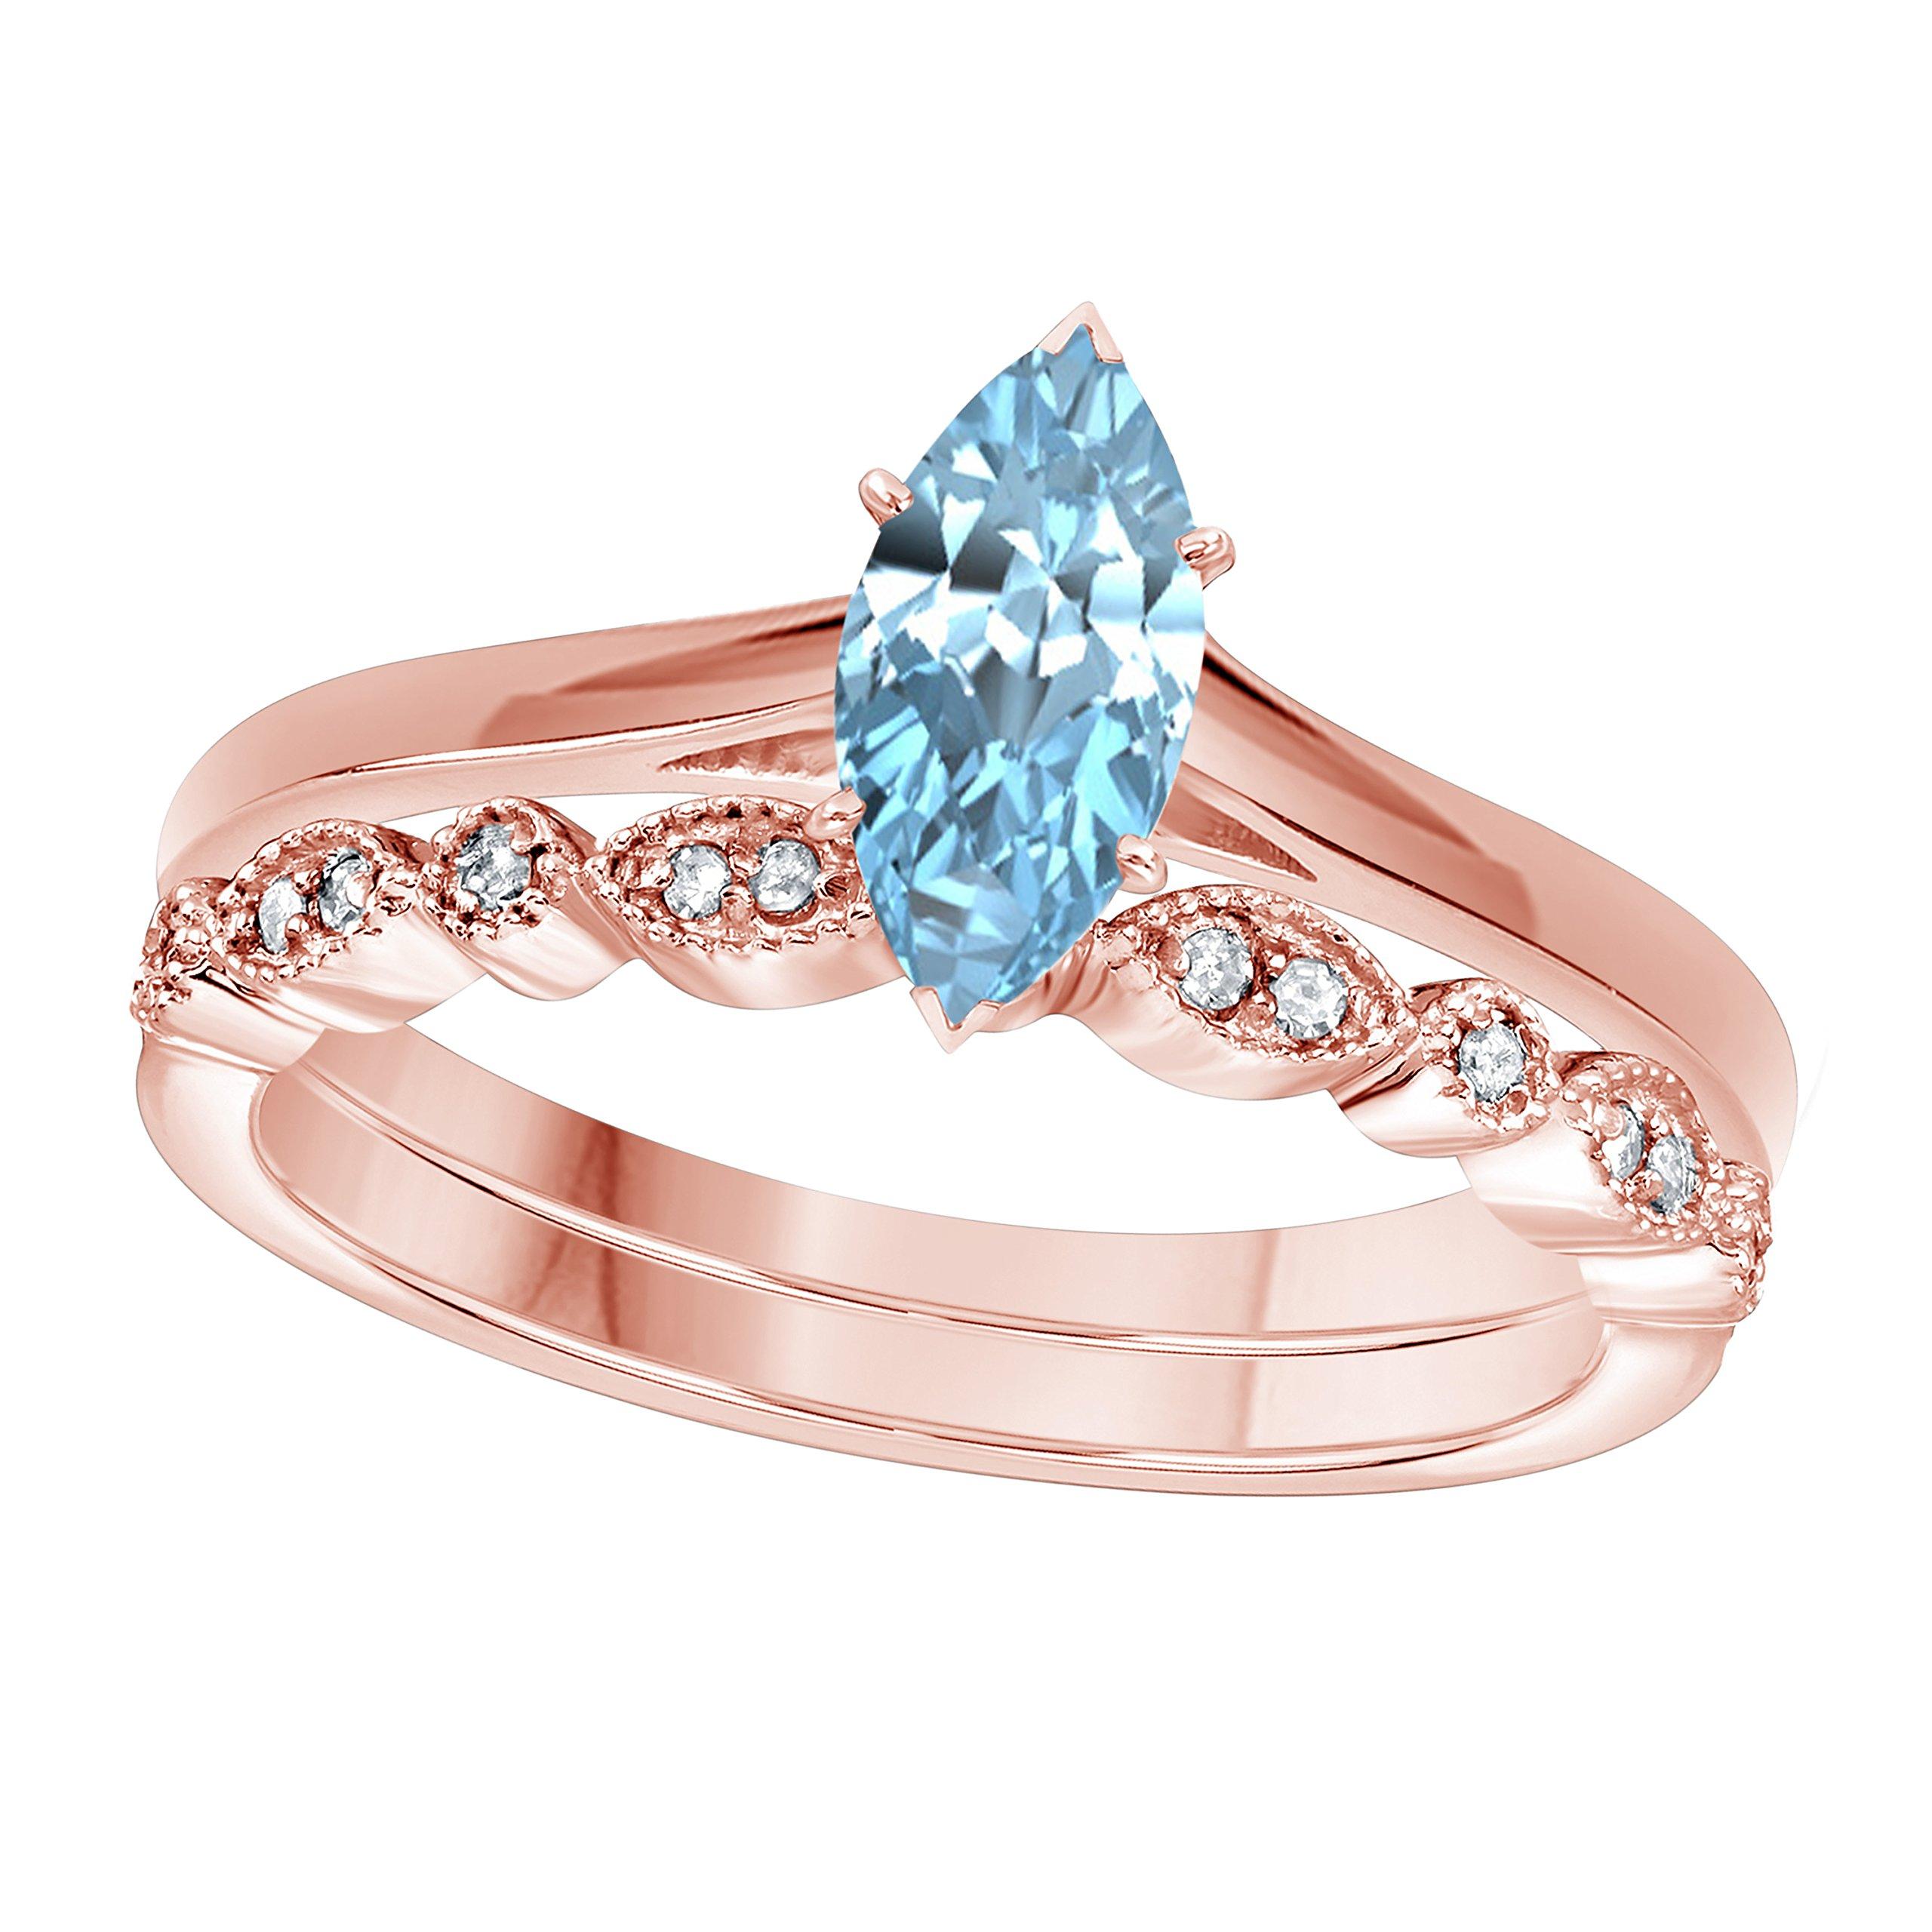 DreamJewels 1.00 Ct Marquise Shape & Round Cut Aquamarine & White CZ Diamond 14k Rose Gold Finish Alloy Art Deco Vintage Design Wedding Engagement Ring Sets Size 4.5-12